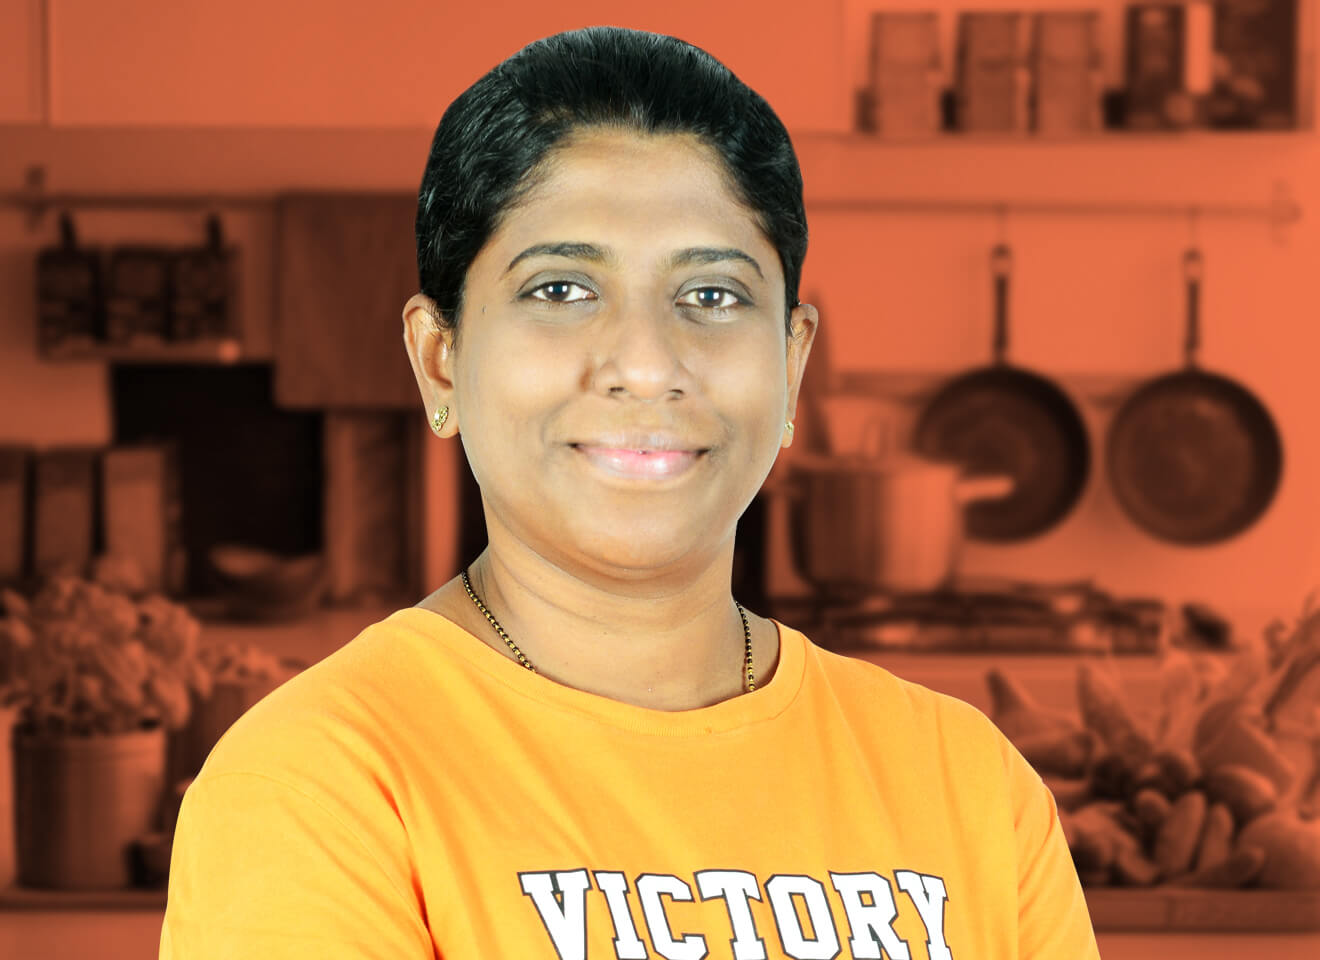 Bhuvaneswari Sawant